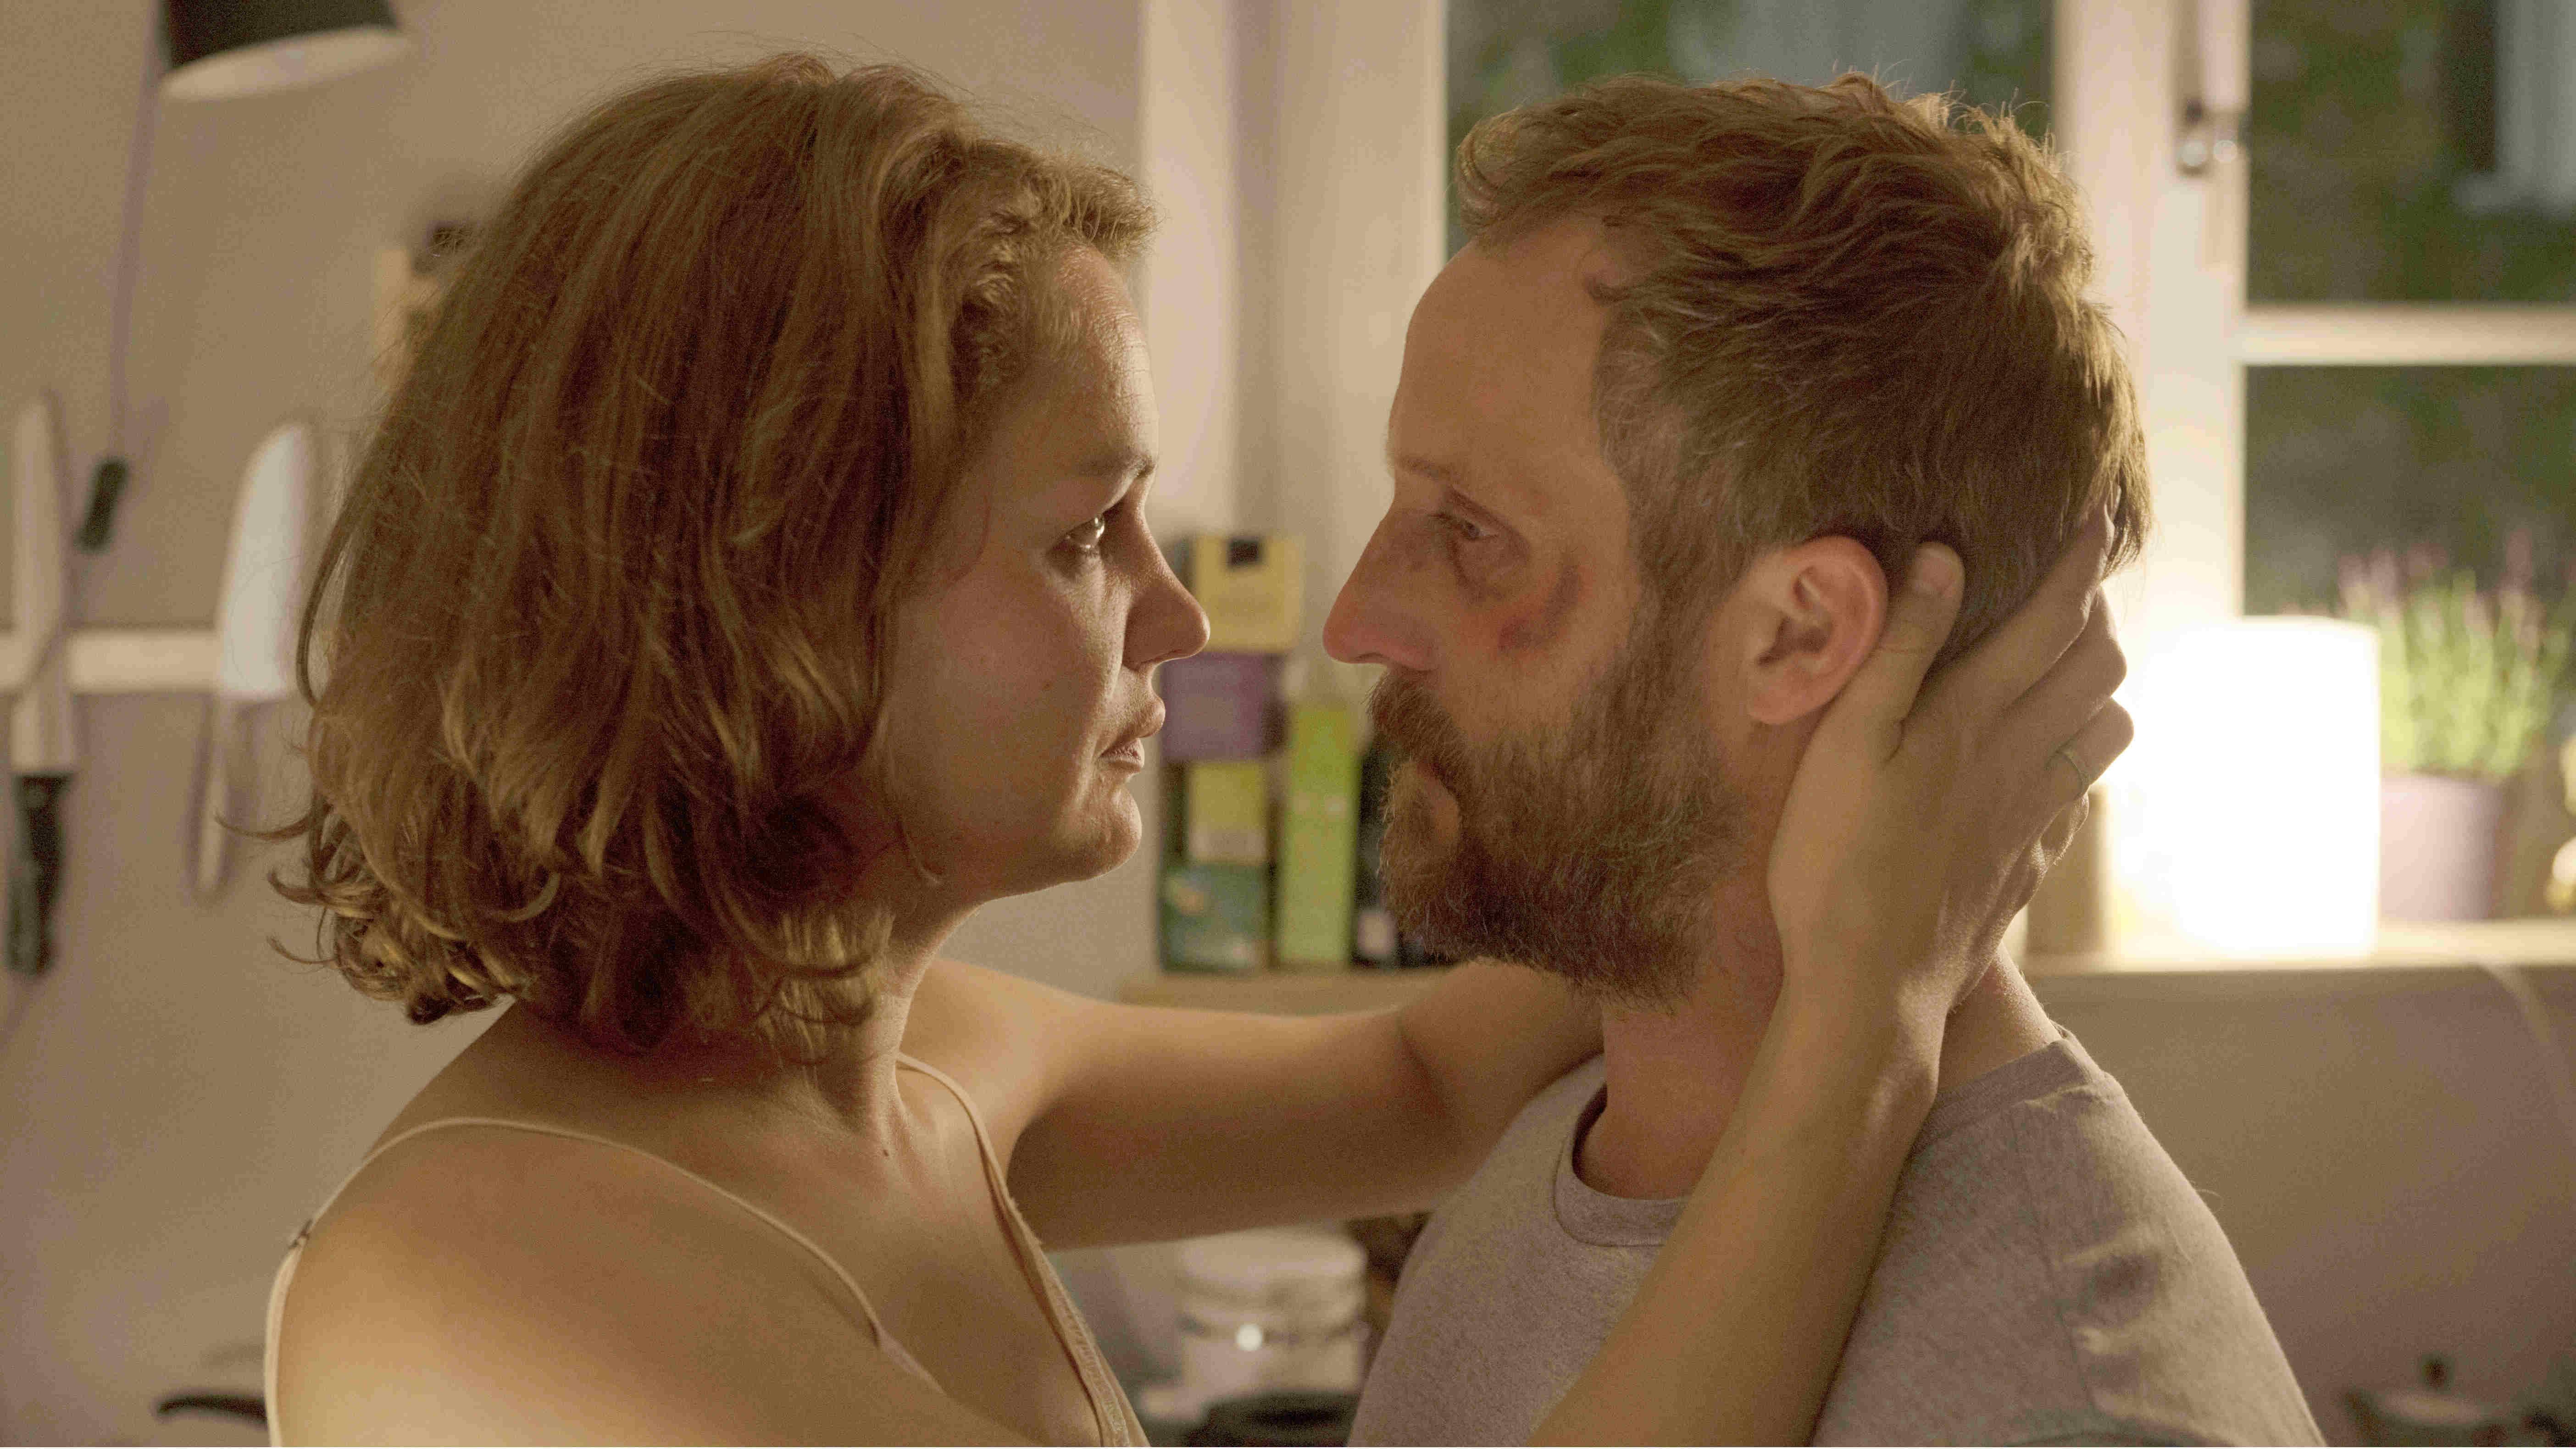 安柏克納將受害者的受傷心境、詮釋得淋漓盡致,並與女主角露易絲海爾(Luise Heyer)的訴諸自我療癒形成強烈對比